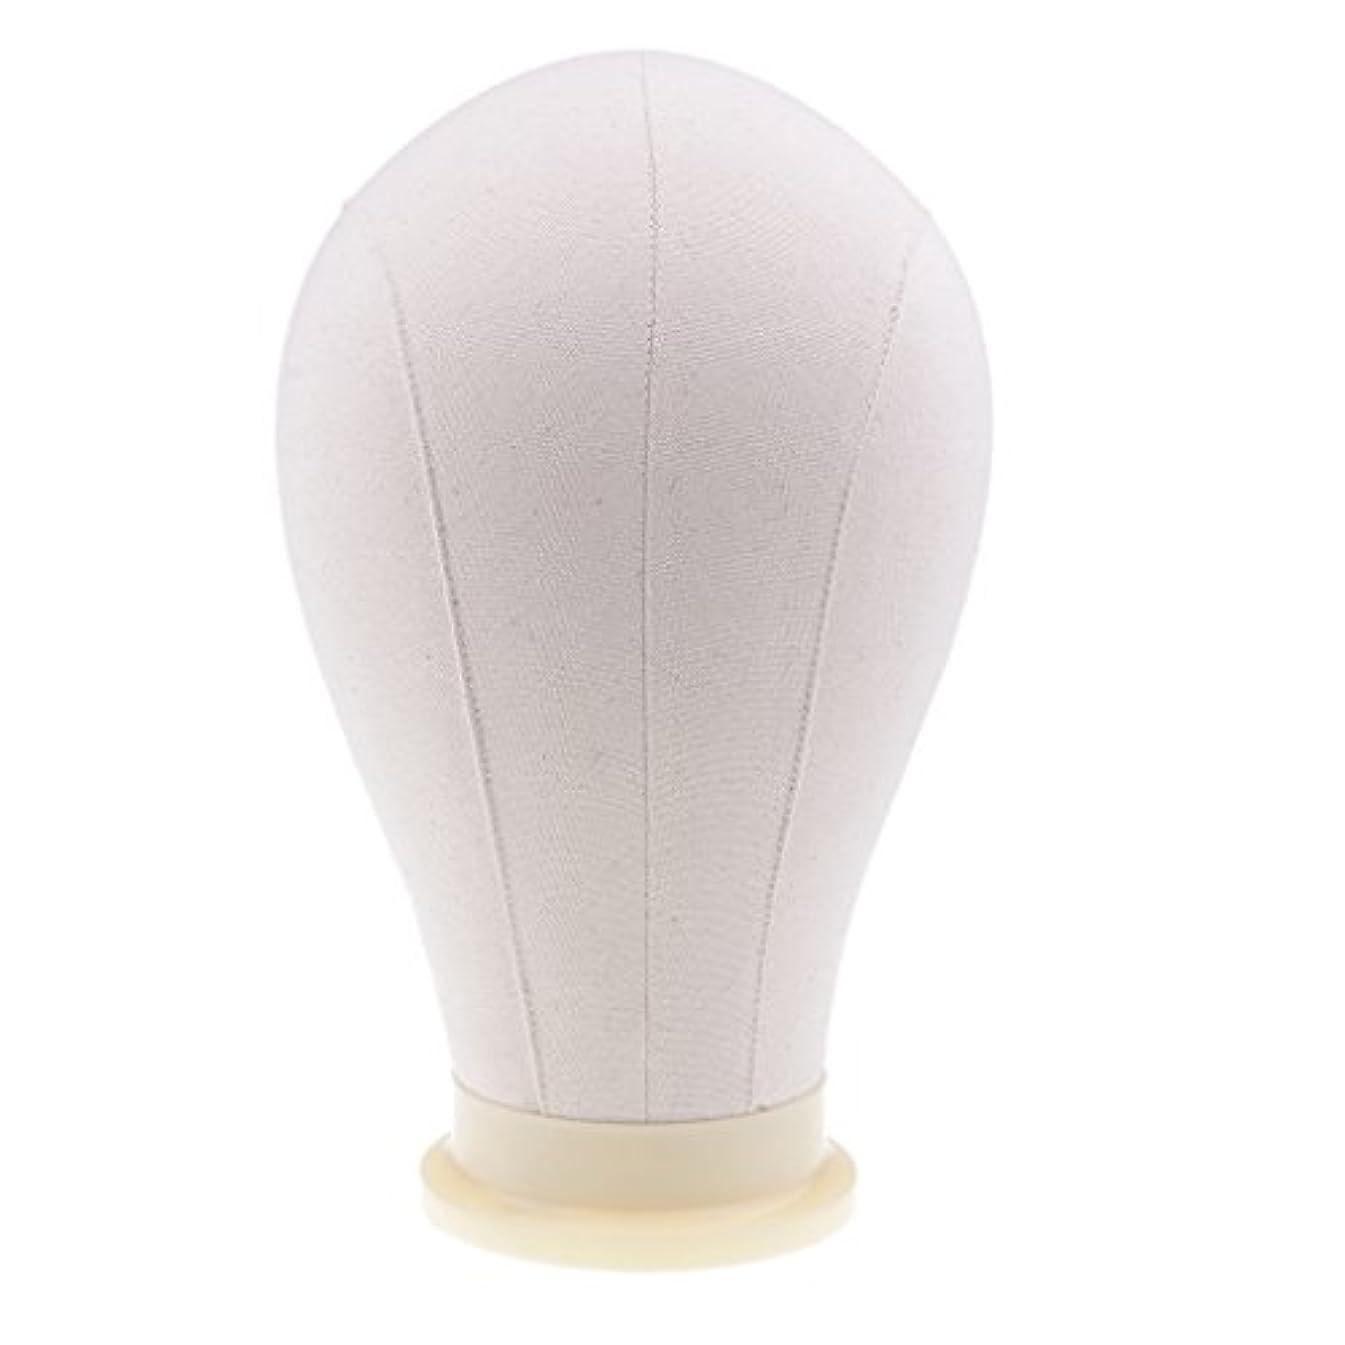 食べる四分円美人Sharplace マネキンヘッド ウィッグ キャンバス 頭部モデル かつら 帽子 メガネ ディスプレイ ホルダー 4サイズ - 24インチ